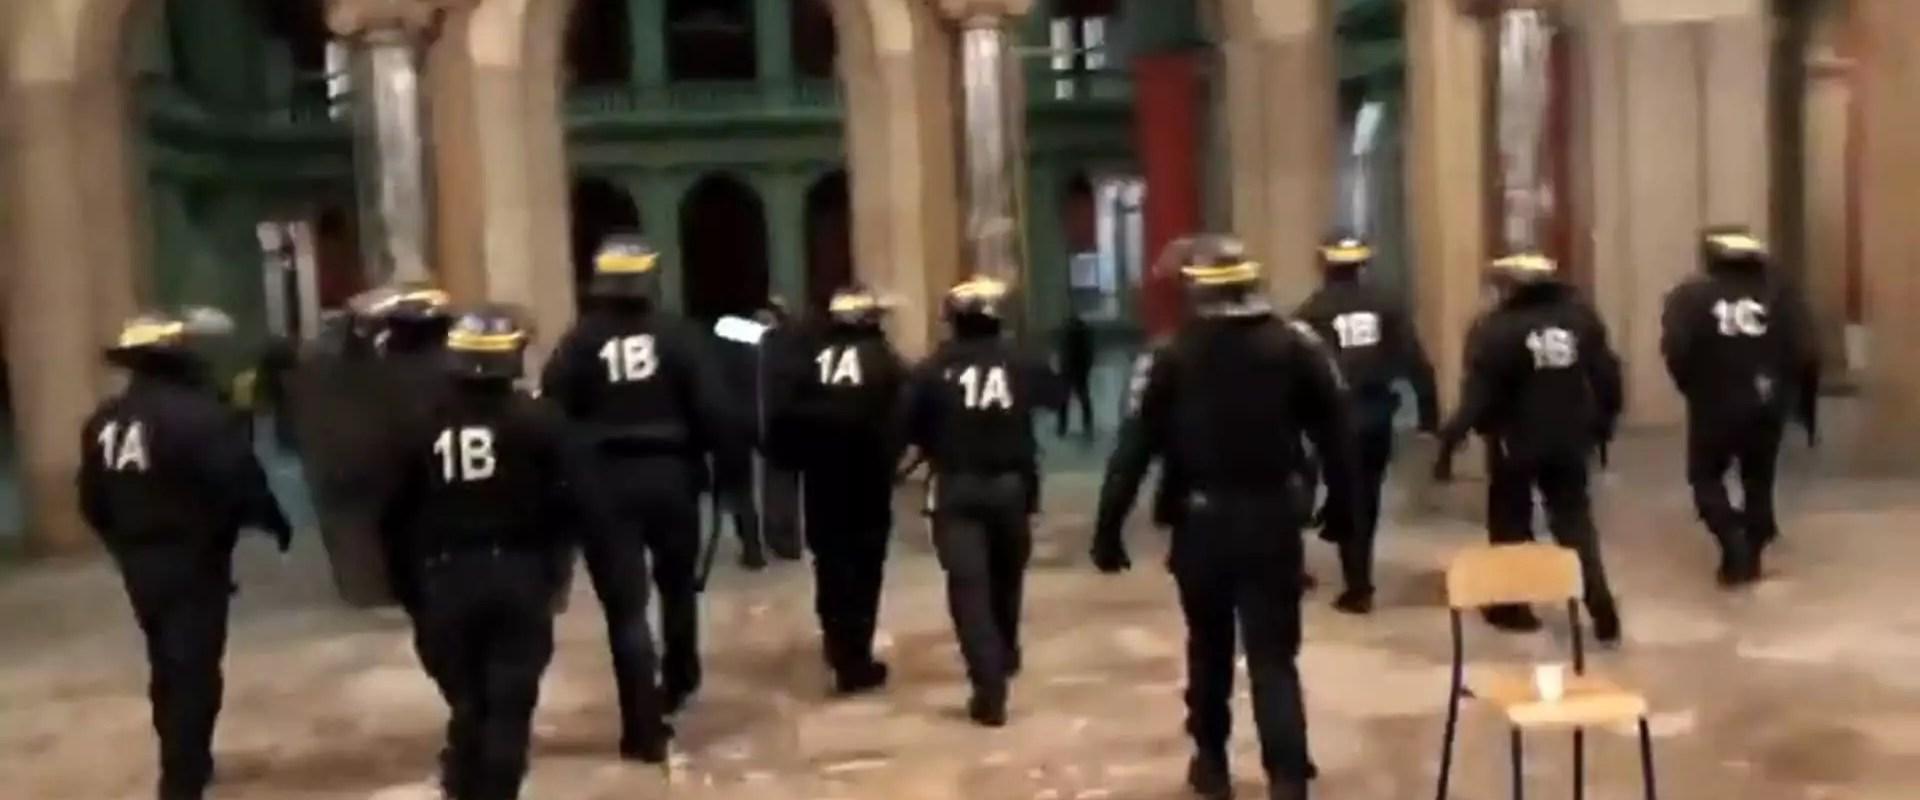 La police évacue les étudiants et lycéens du Palais universitaire